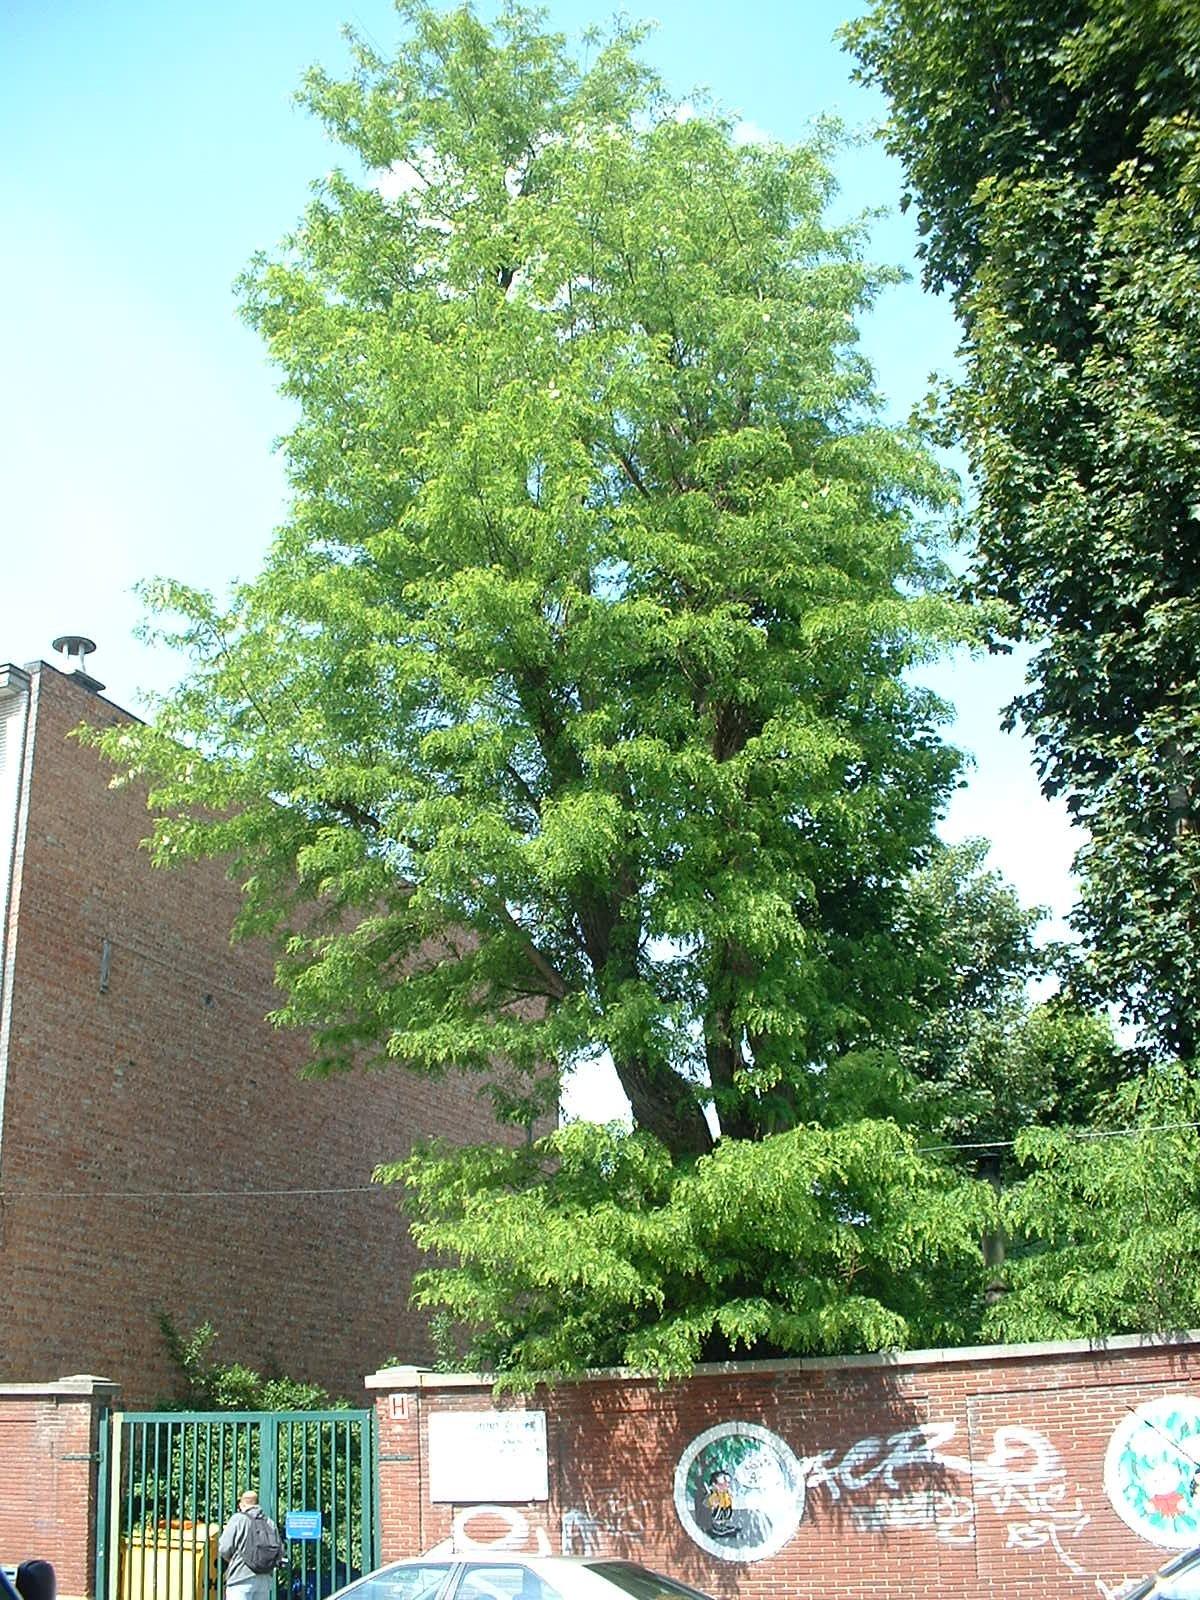 Gewone acacia – Etterbeek, Fort van Boncellesstraat, 8 –  16 Mei 2003